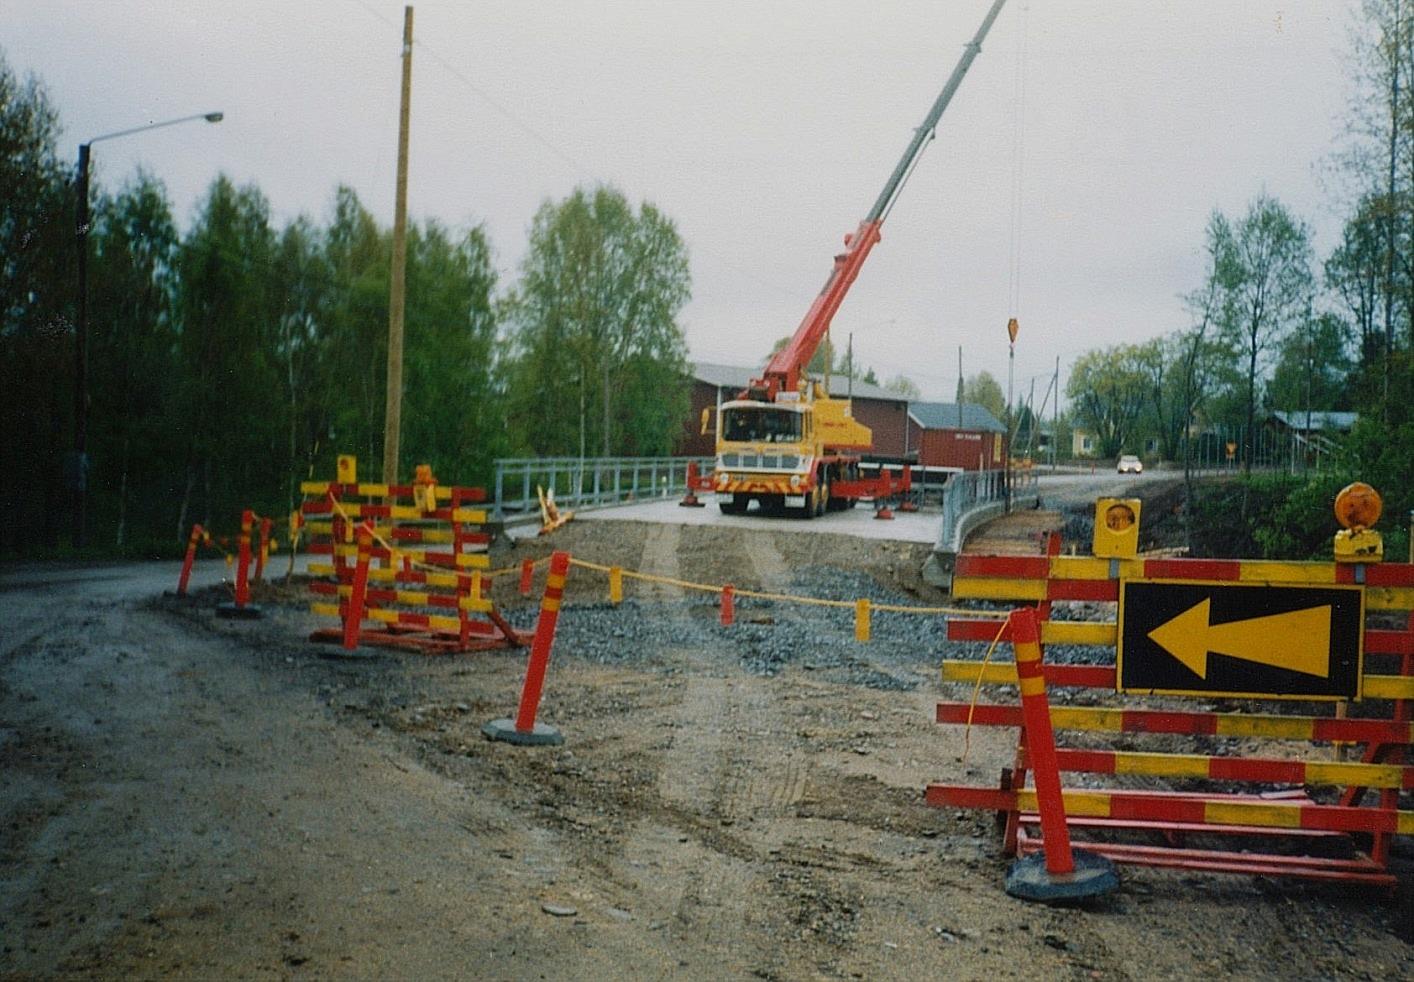 Precis som nya Storbron är den nya Lillbron böjd och med en svag lutning. På bilden håller byggarna på och river byggformarna. Räckena är klara och nu fattas bara beläggningen och så kan den nya bron öppnas för trafik.